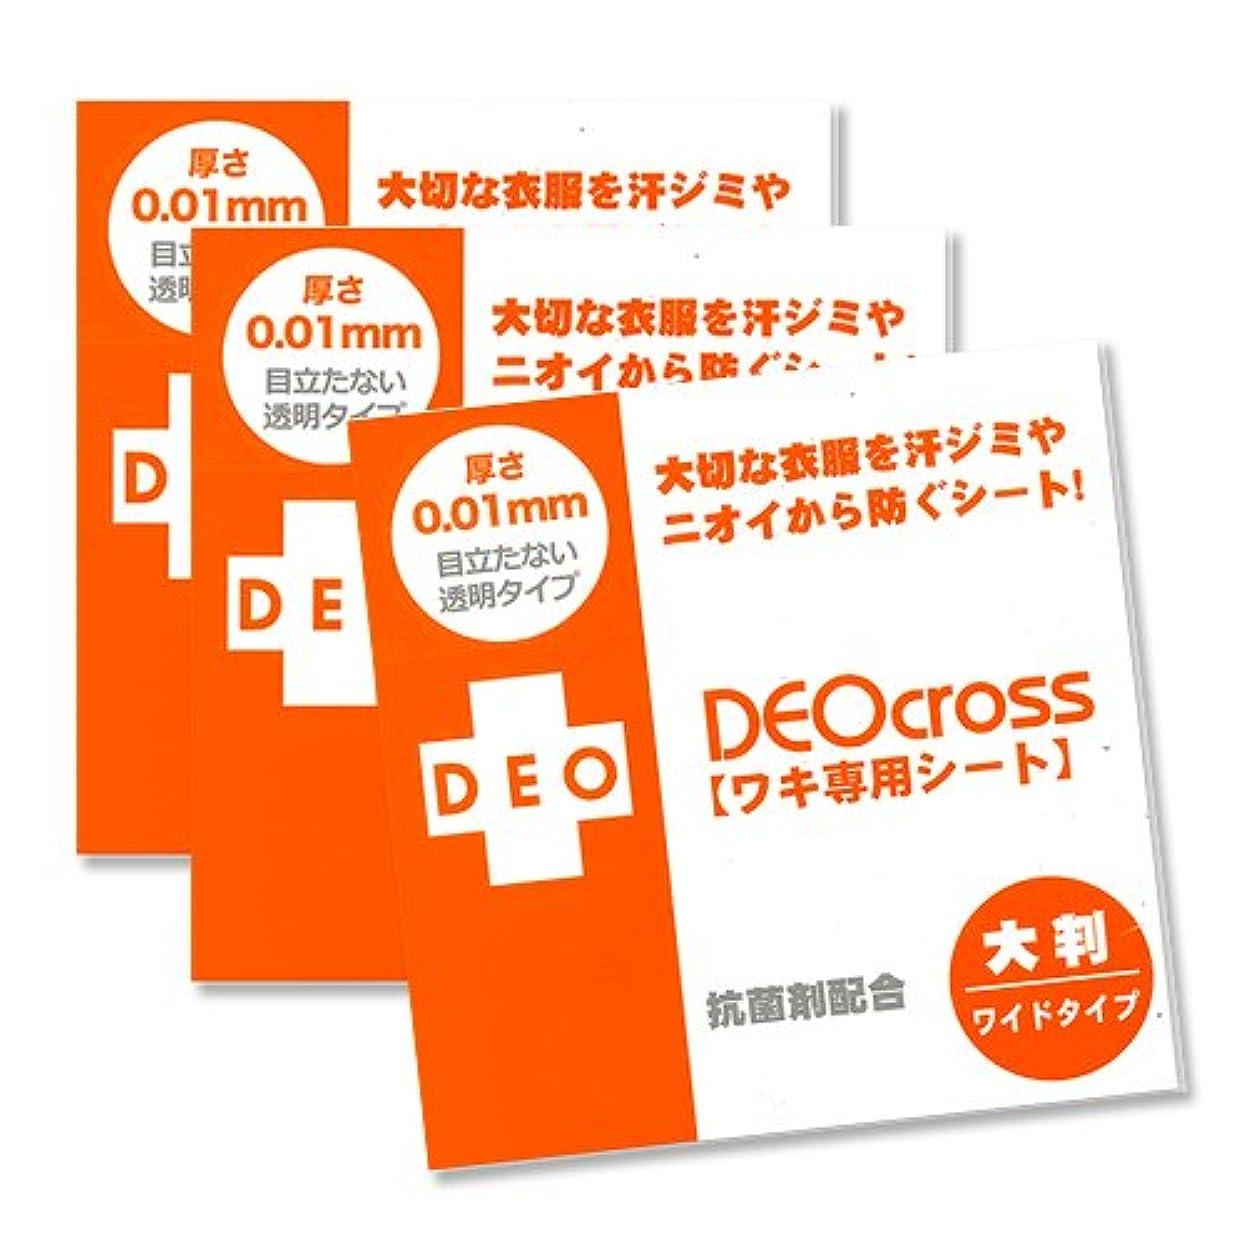 従来の相談する万歳【ワキ専用シート】 デオクロス Deo Cross ワイドタイプ (50枚入りx3個セット)